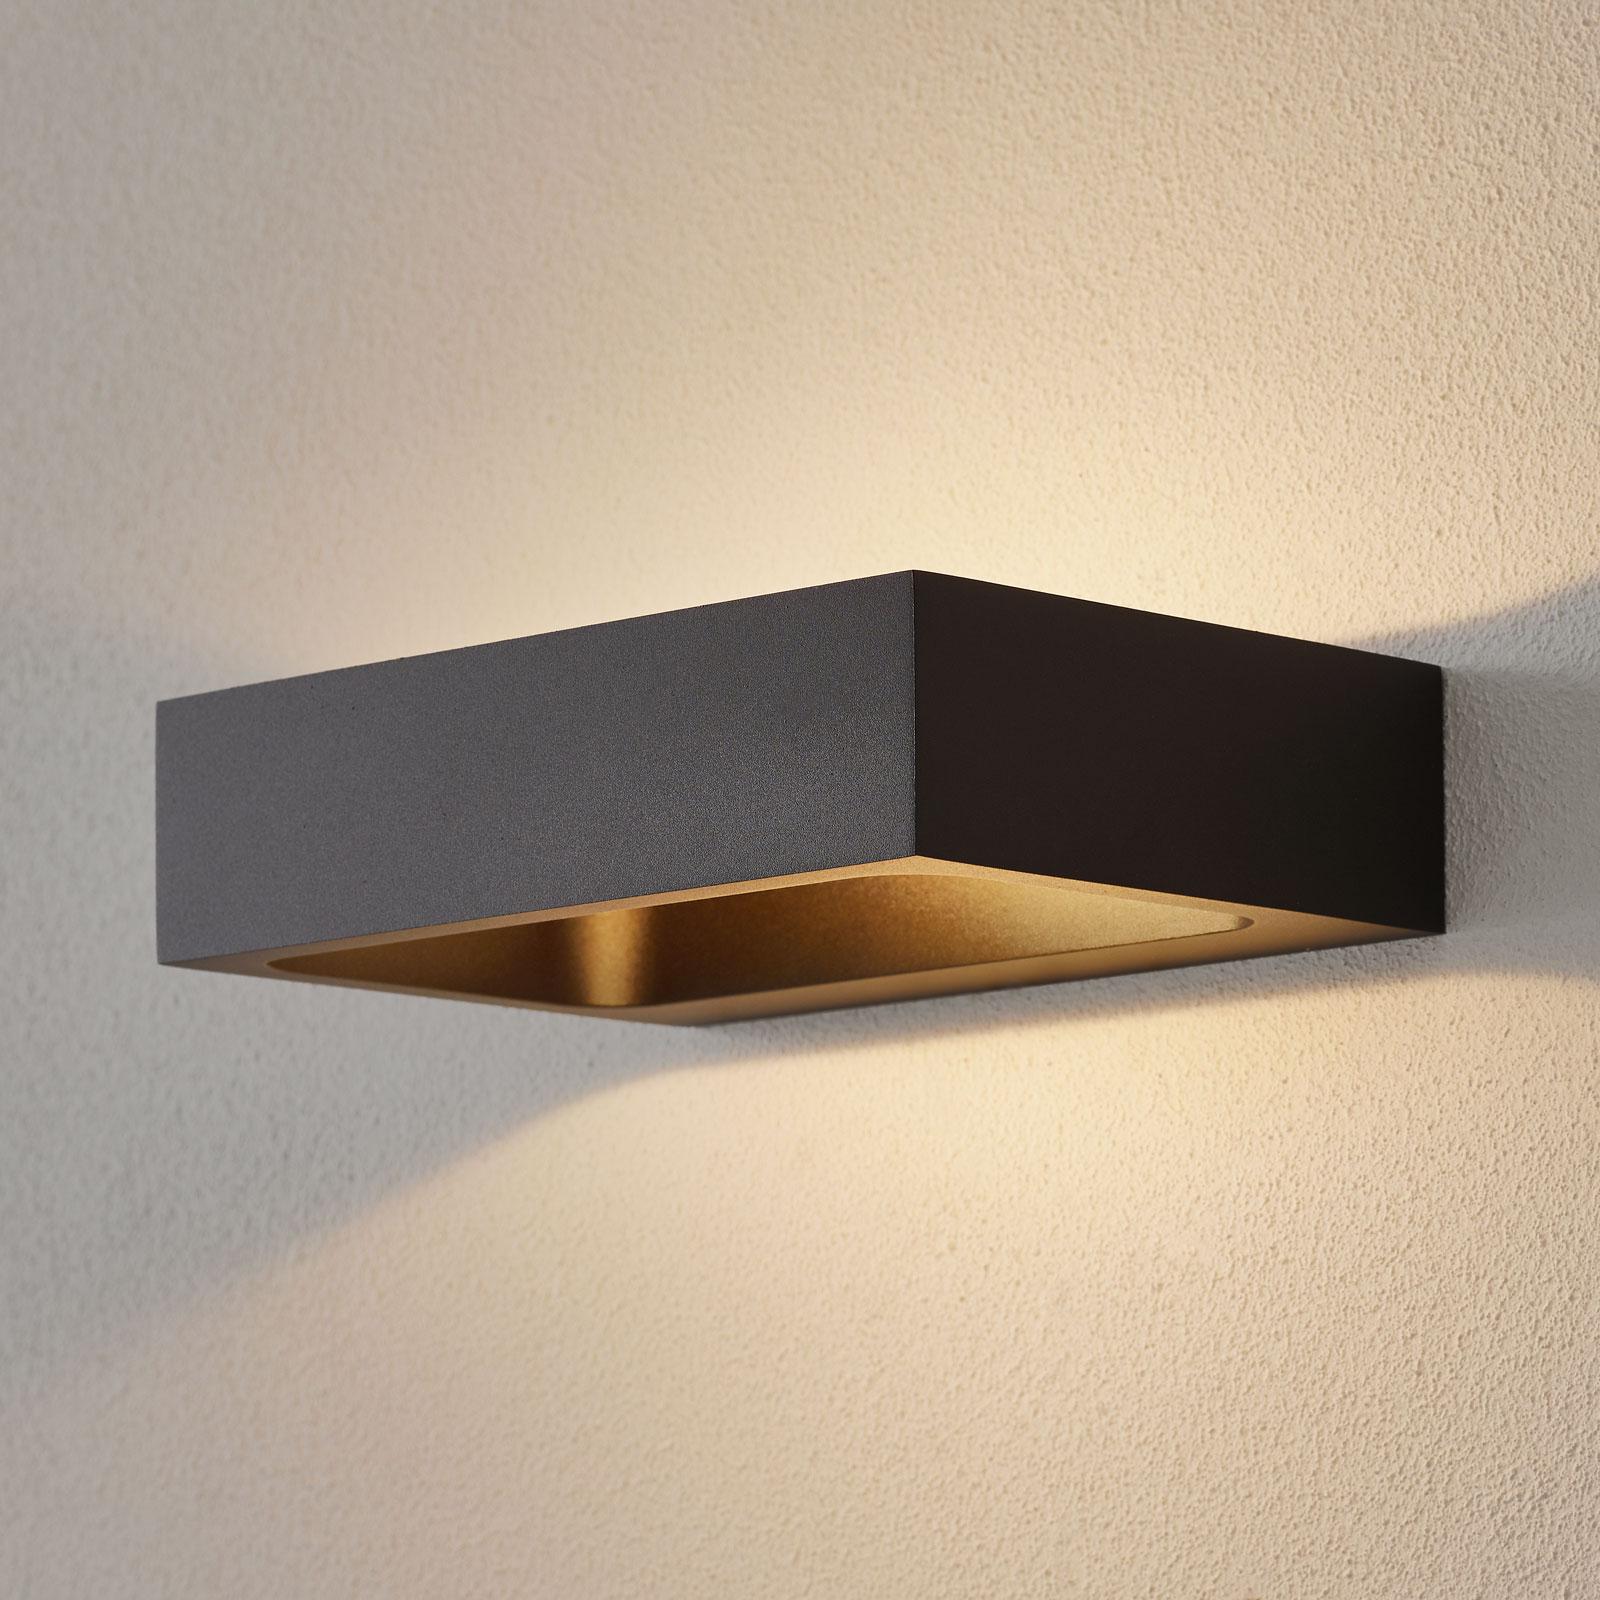 WEVER & DUCRÉ Bento 1.3 LED-vegglampe svart